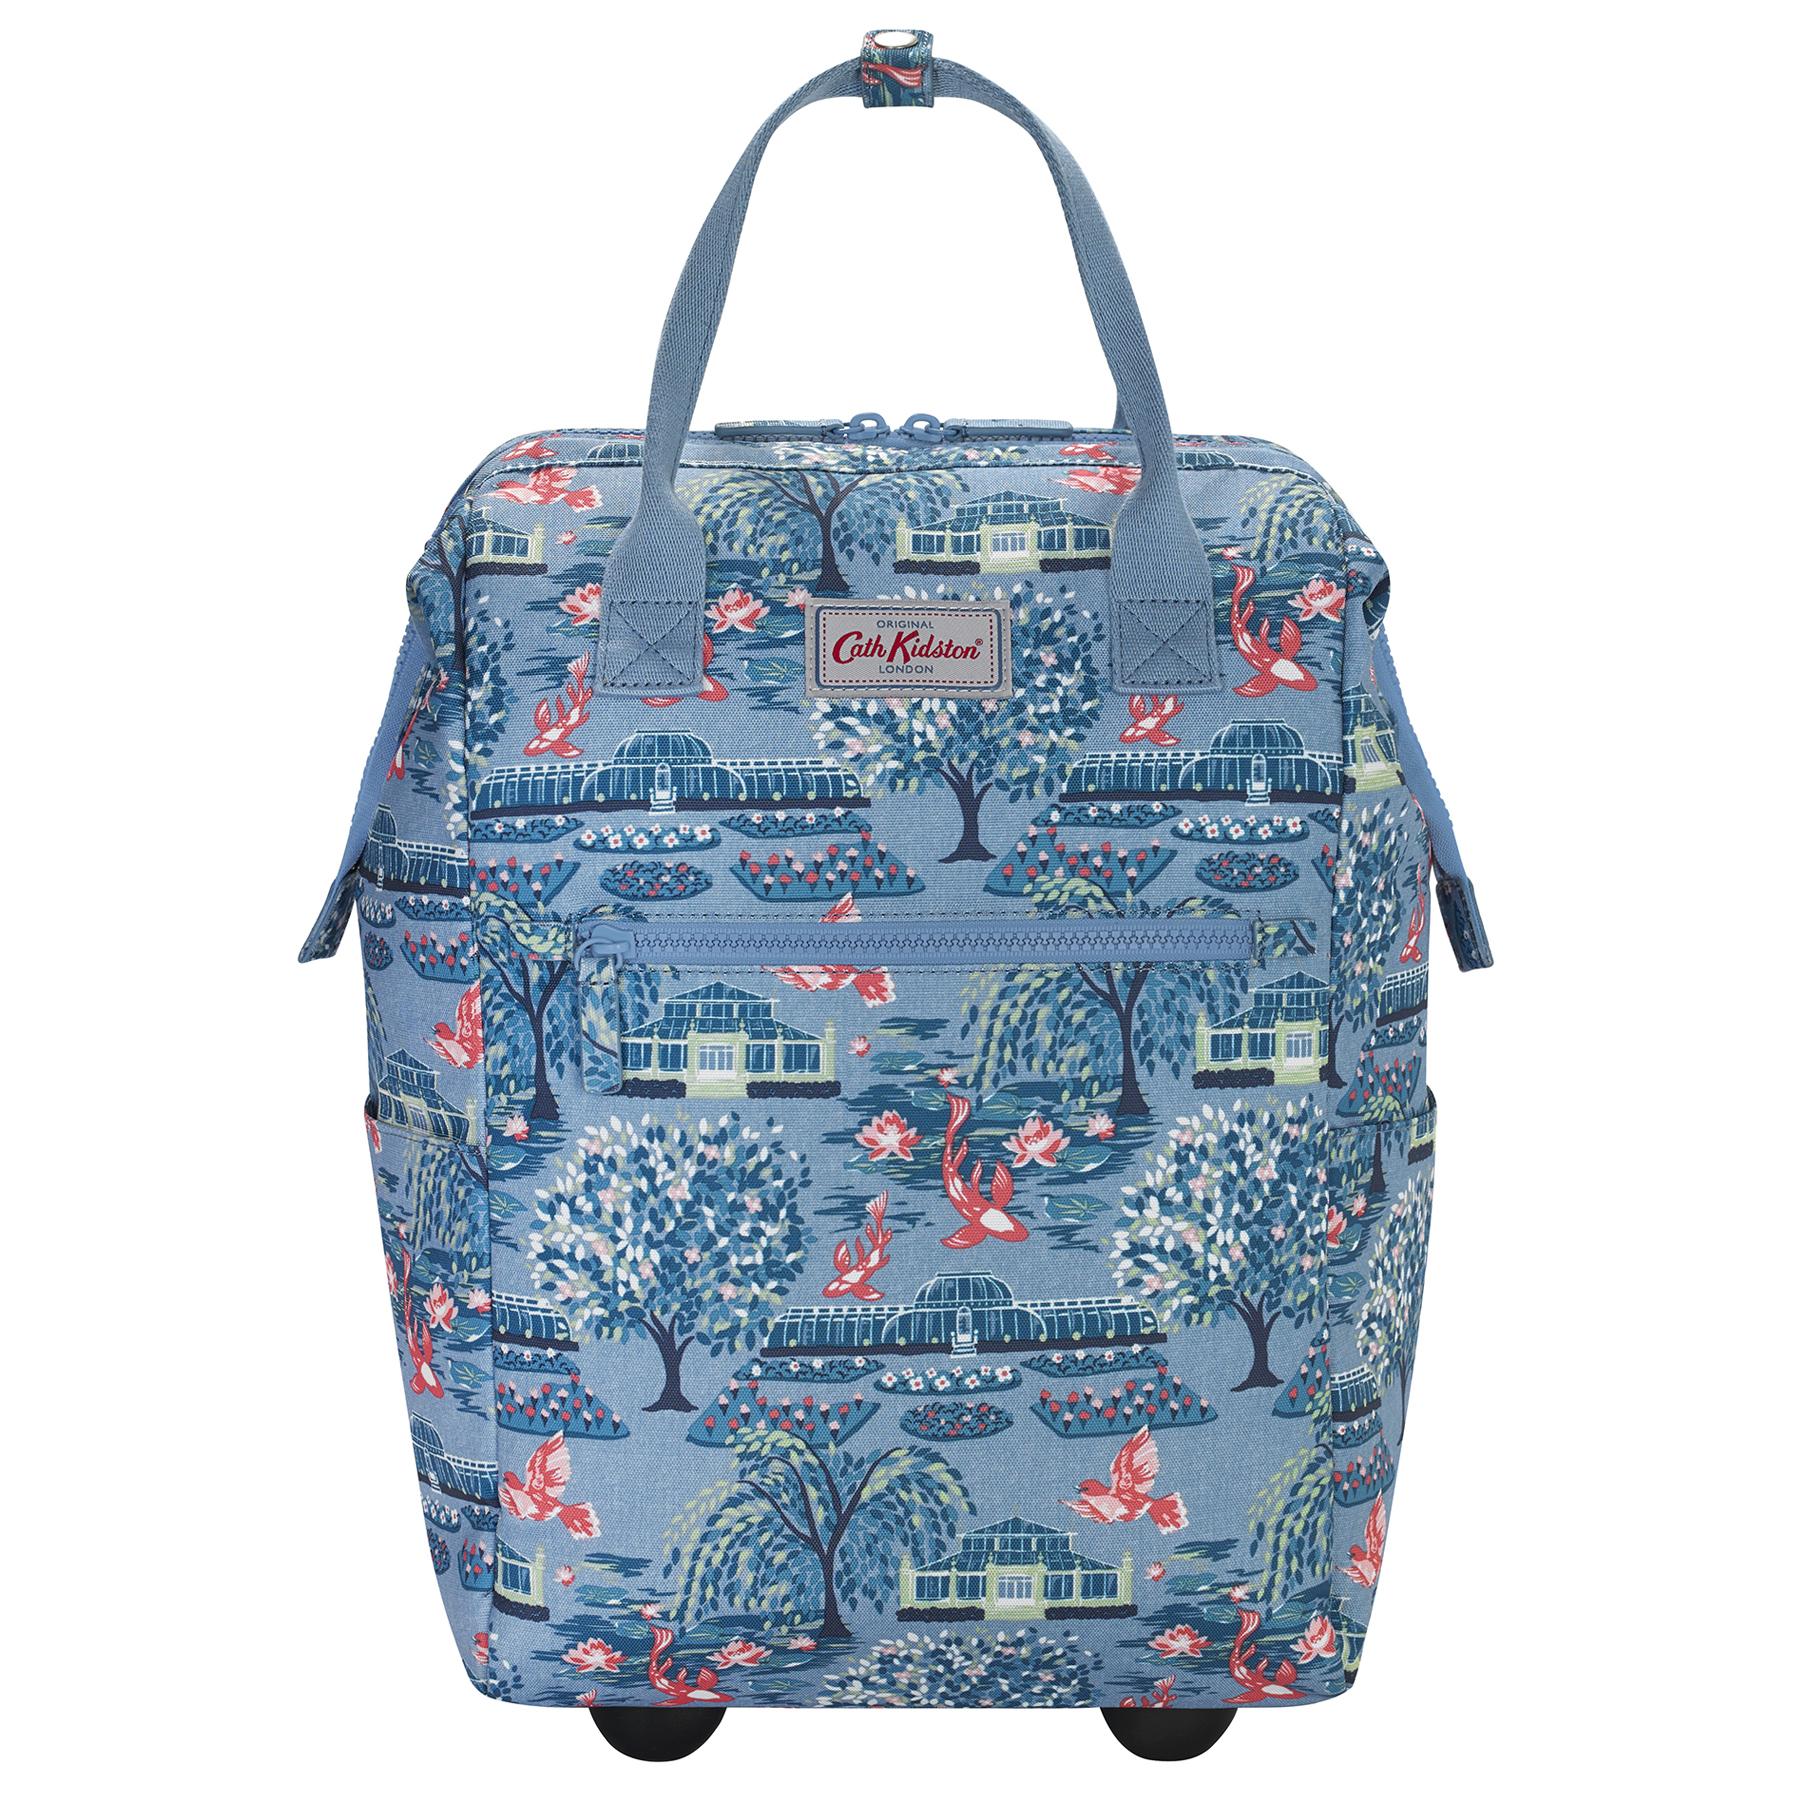 Le Chameau Wellington Boot Bag  Blue With Net /& Pouch Pocket Carry Handle